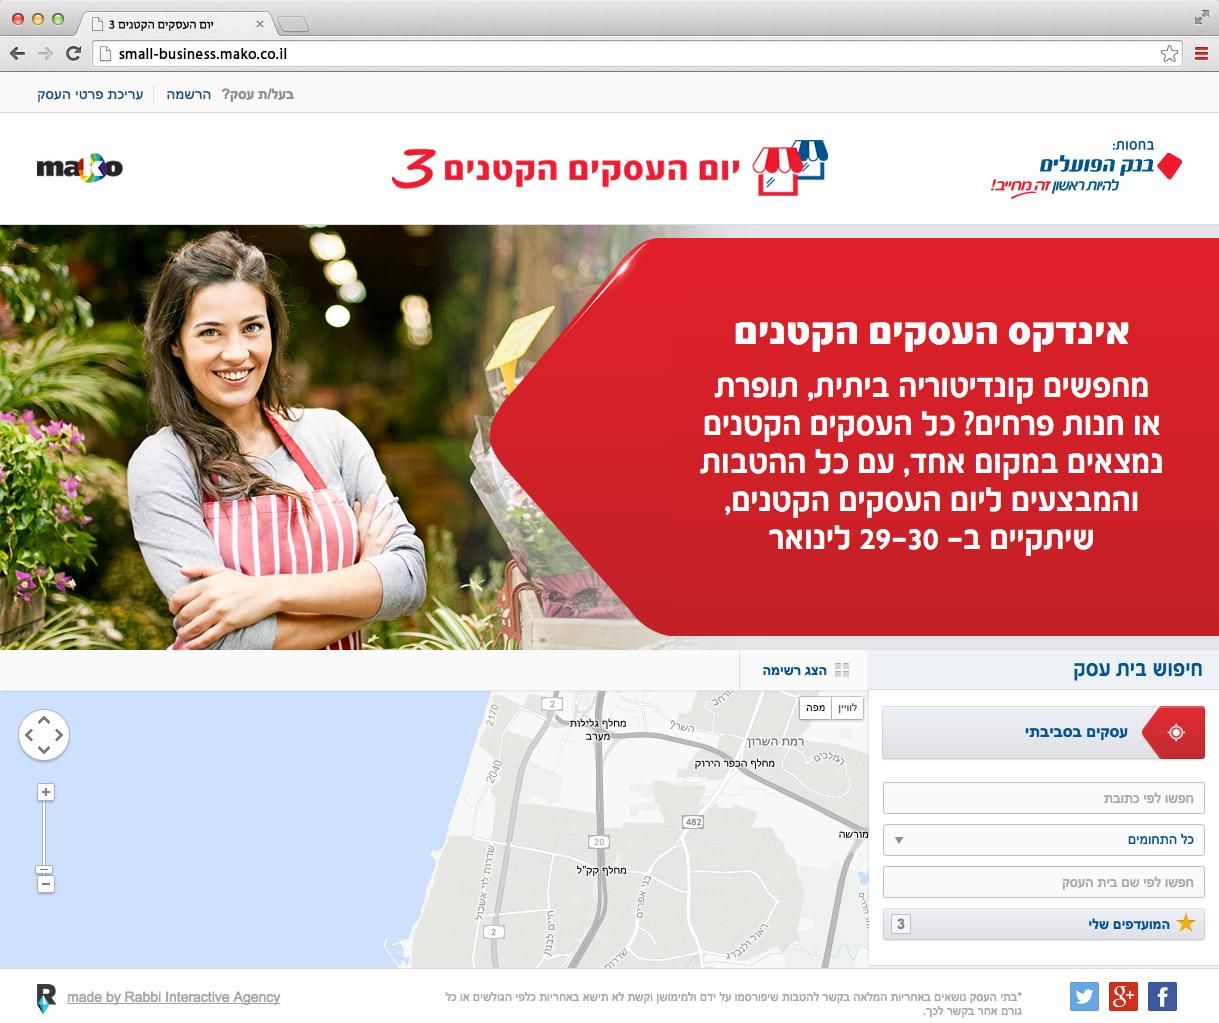 אינדקס העסקים הקטנים שעלה באתר mako